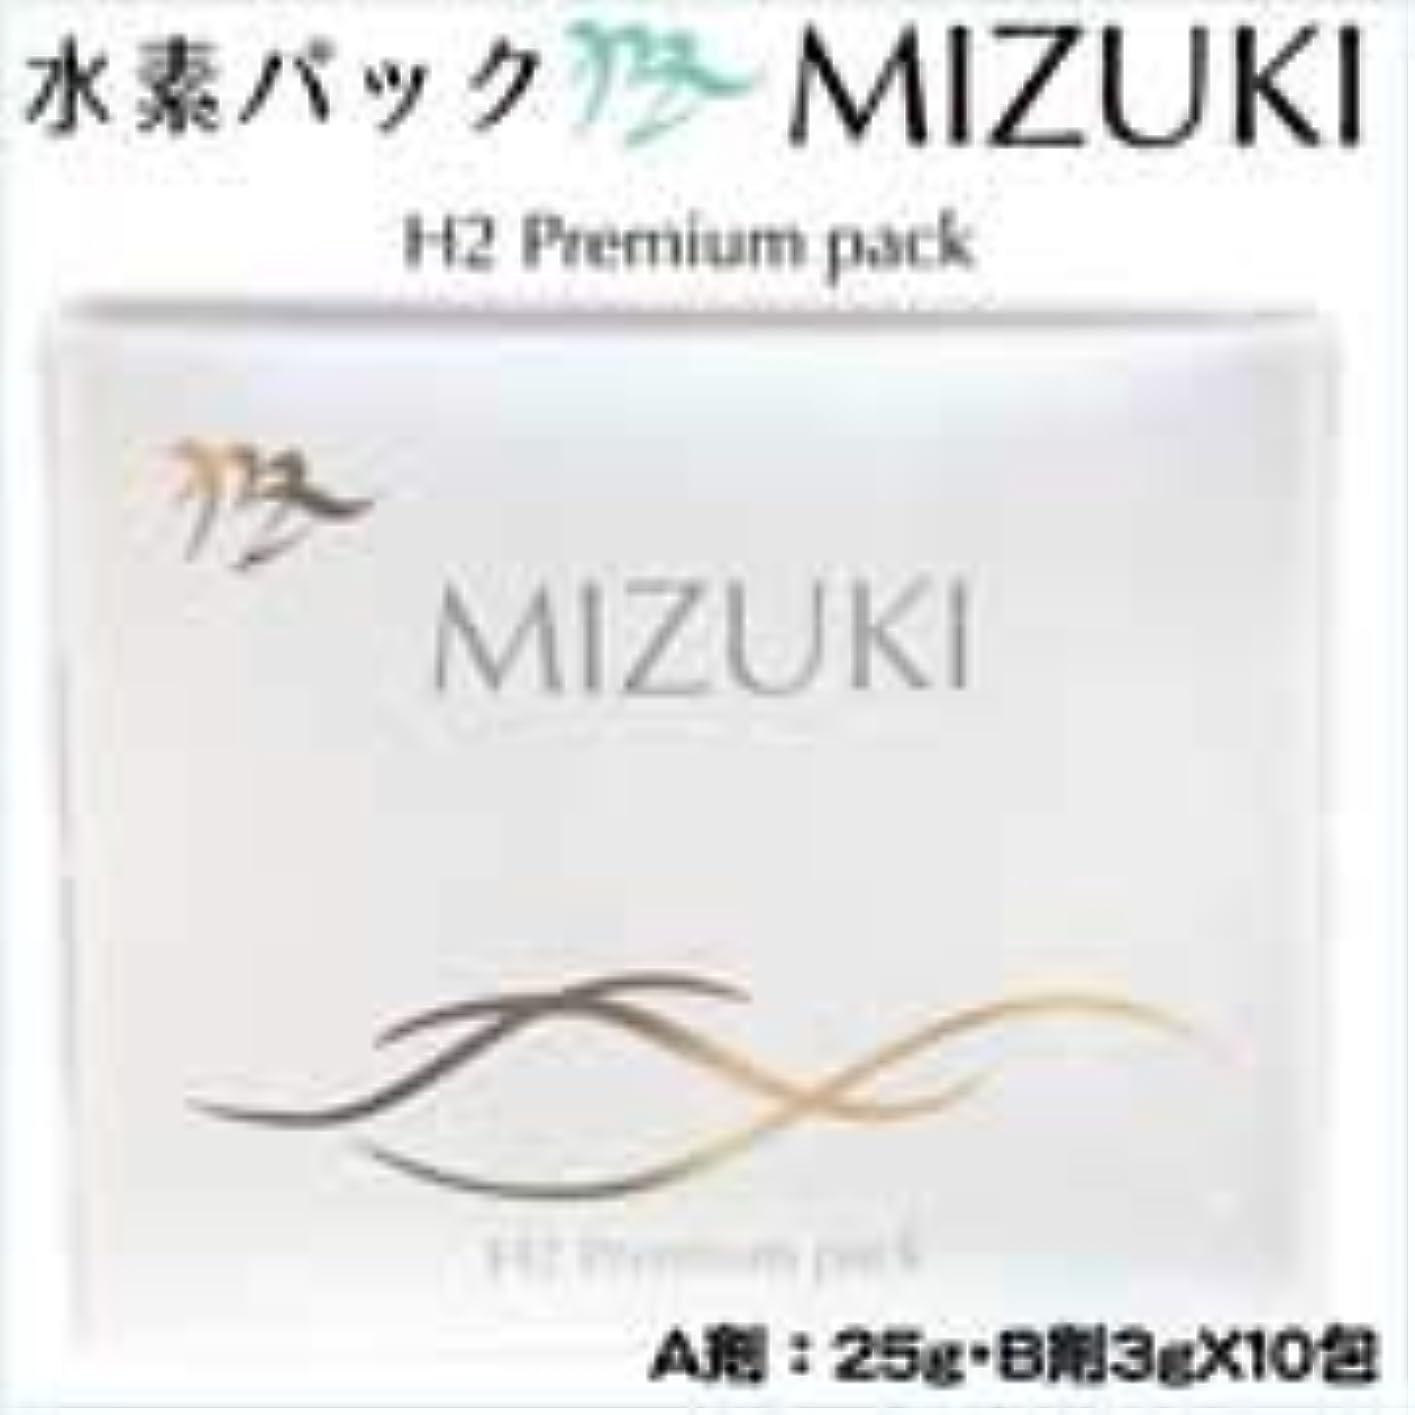 終了しました光フレッシュMIZUKI H2 Premium pack ミズキ プレミアムパック A剤:25g、B剤:3gX10包 スパチュラ付き